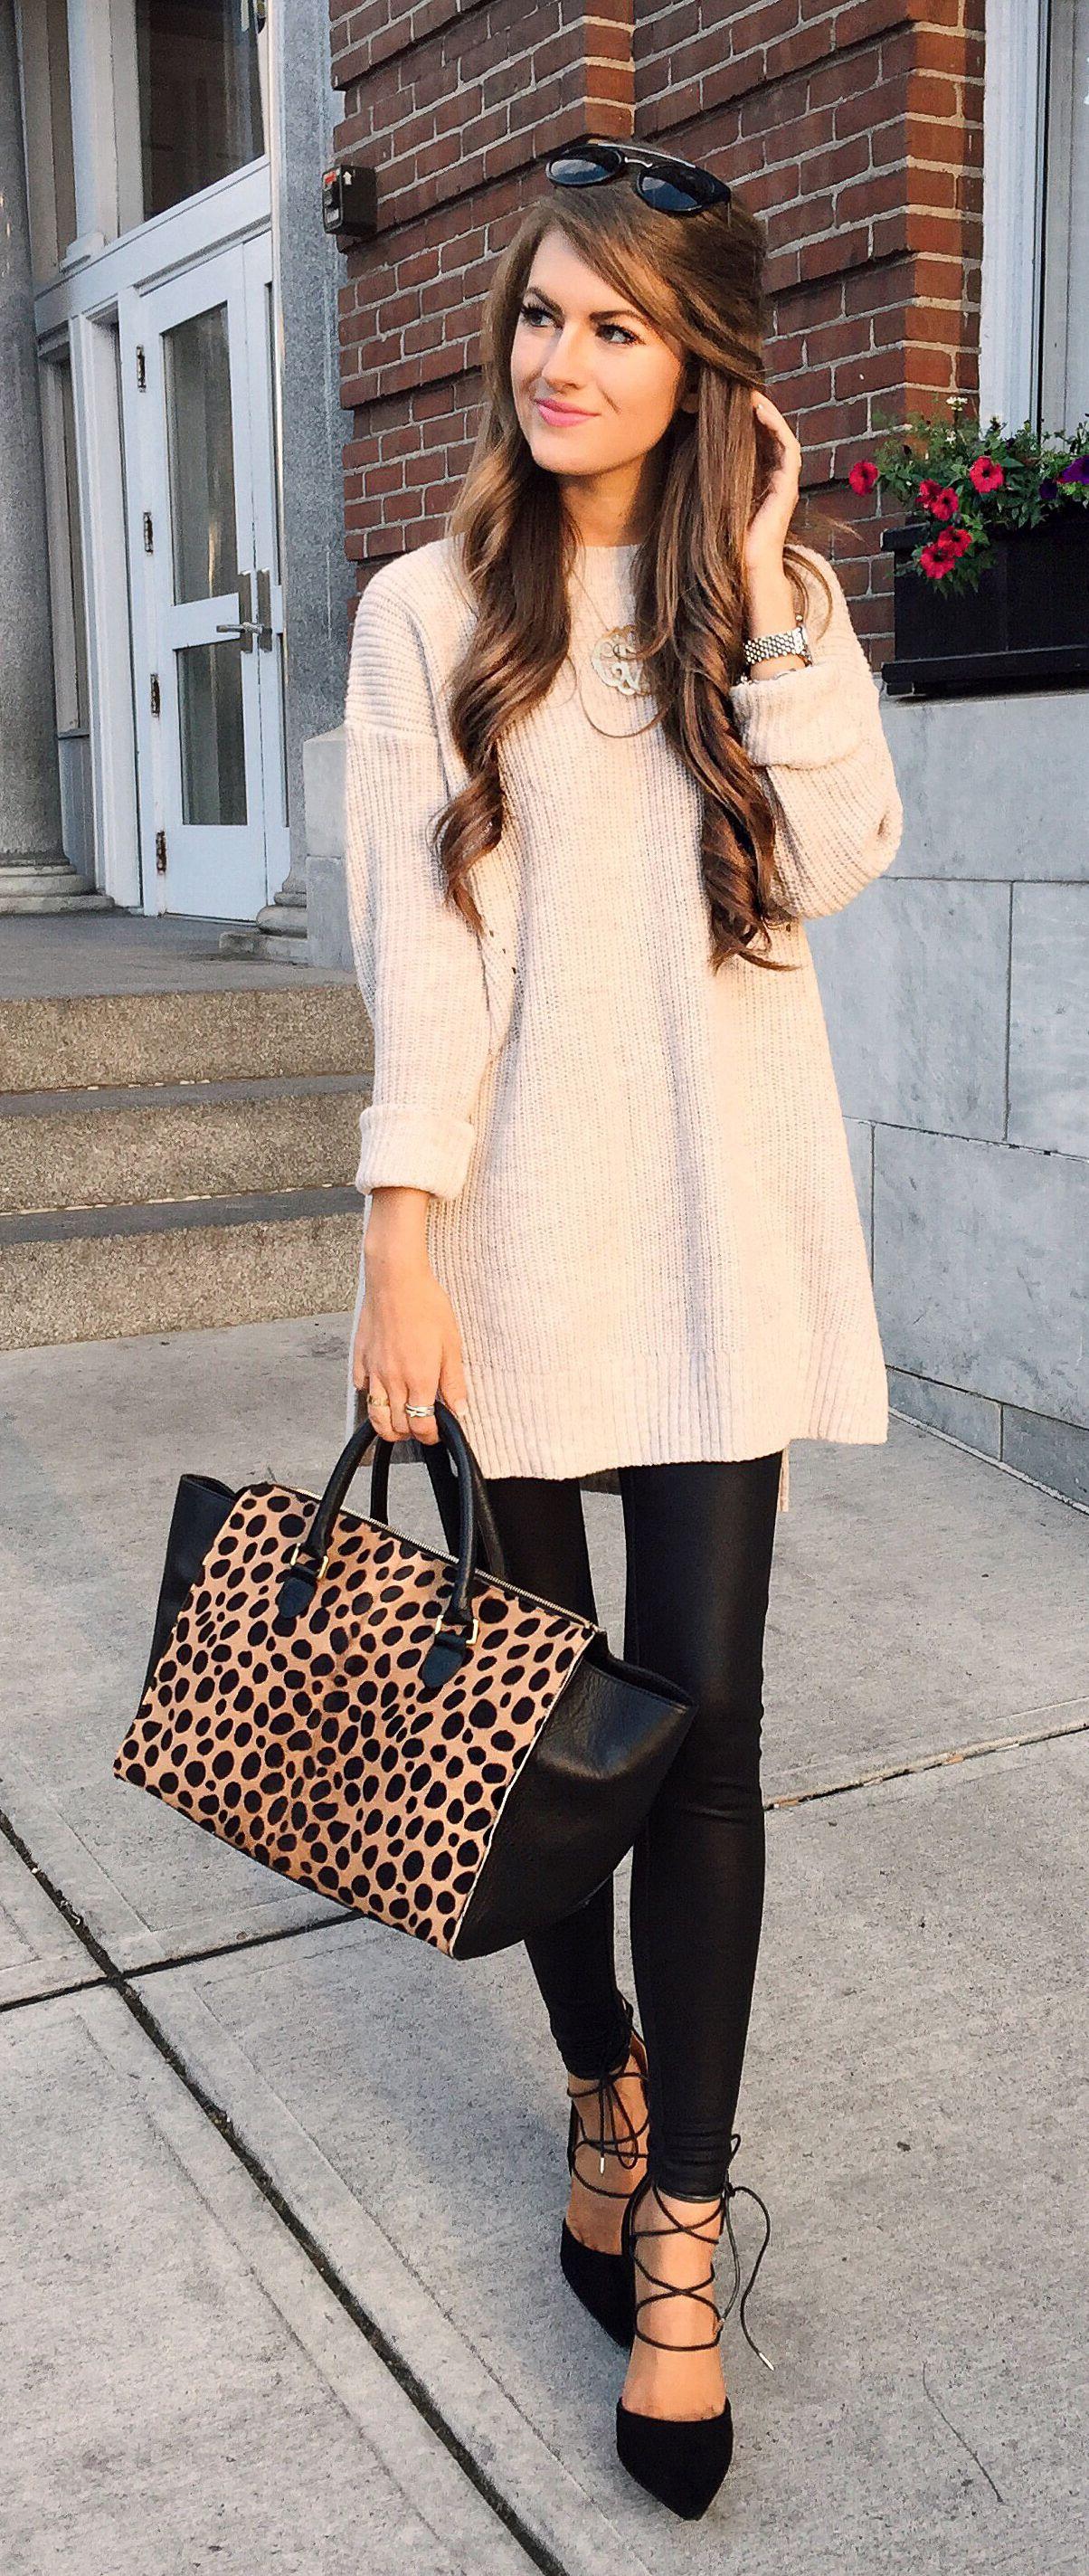 Flannel outfits for women  Burlington VT Travel Guide  style k marie  Pinterest  Faux